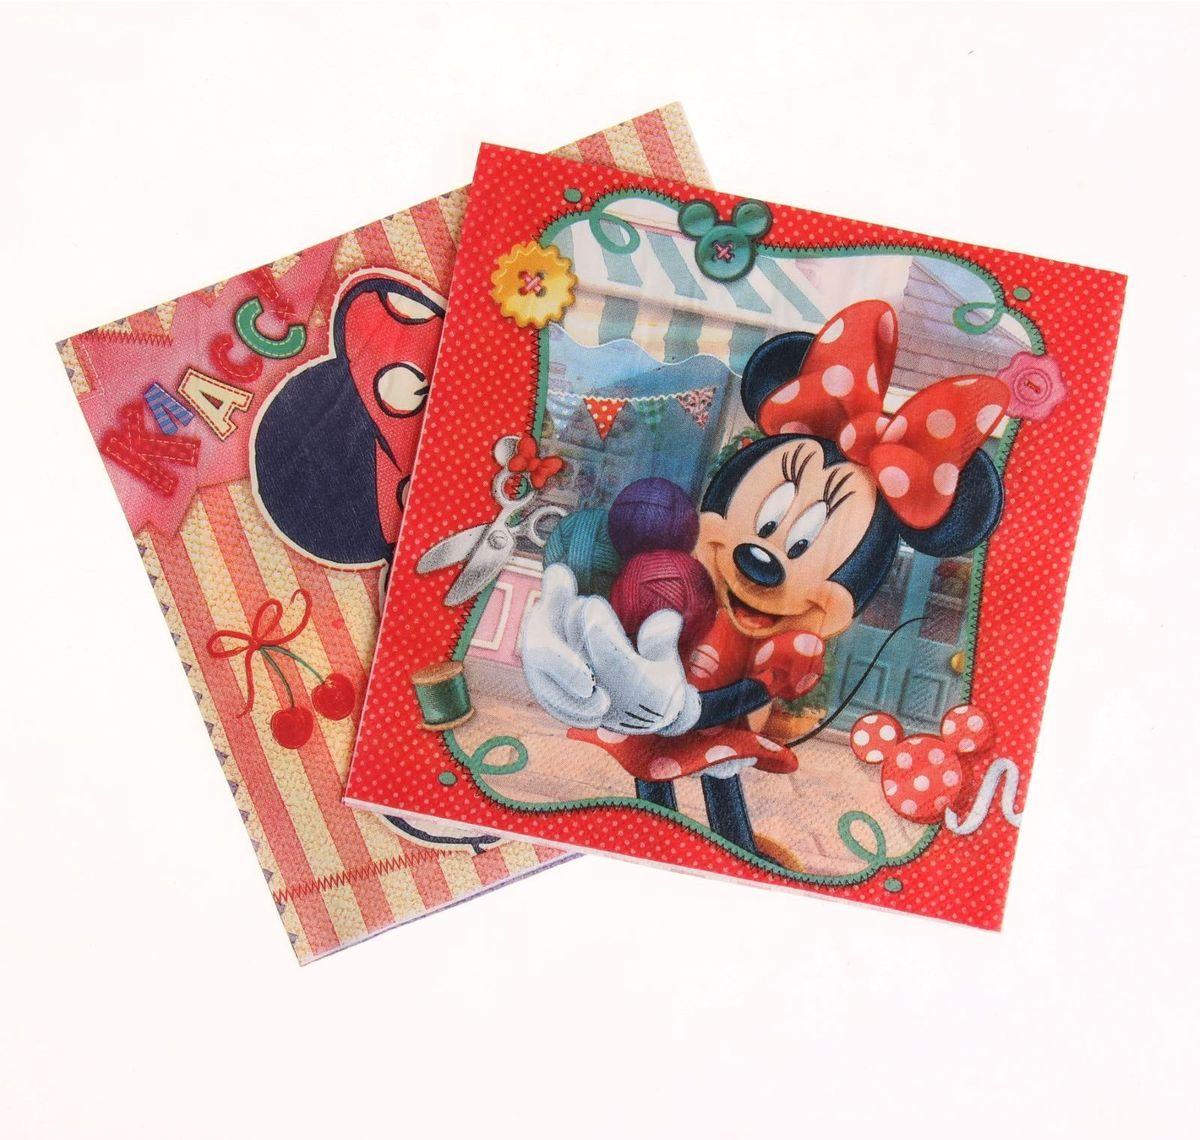 Набор салфеток для декупажа Disney Минни Маус. Мастерица, 33 х 33 см, 2 шт1257338Набор салфеток для декупажа изготовлен из тонкой, но качественной бумаги. Легко приклеится к основе и сохранит при этом насыщенность красок и четкость линий.Создавайте свои уникальные шедевры!